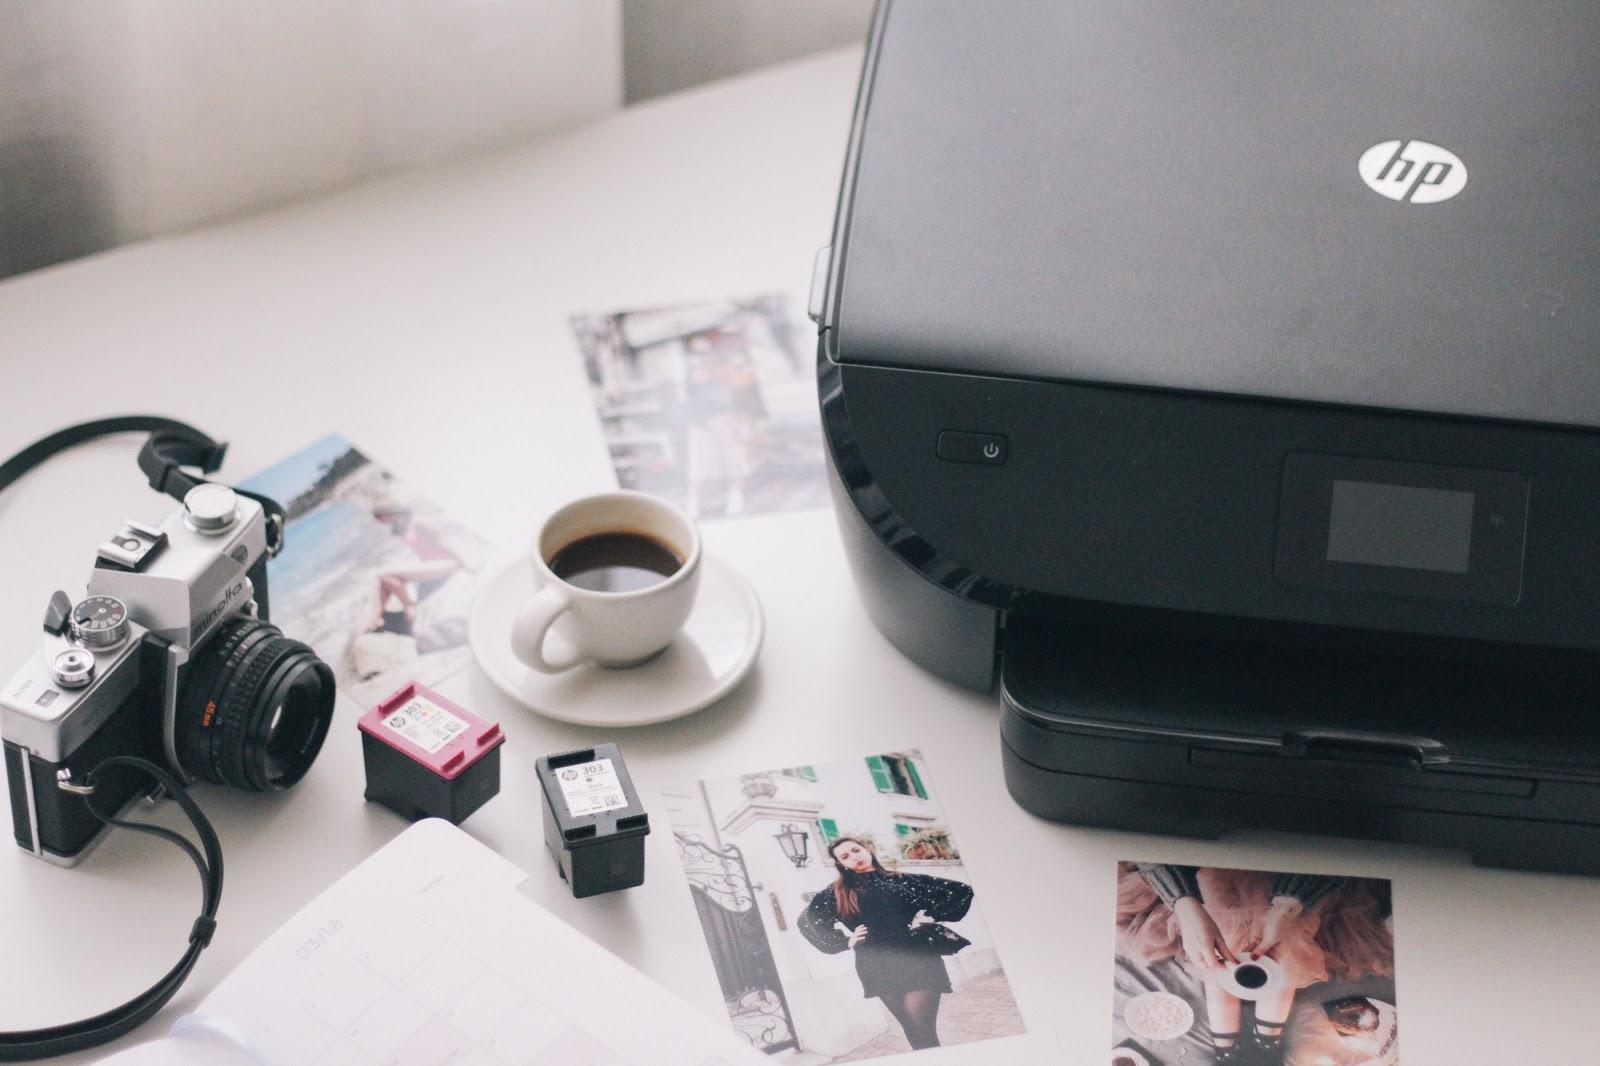 Instant Ink, servizio cartucce HP a domicilio - la mia REVIEW